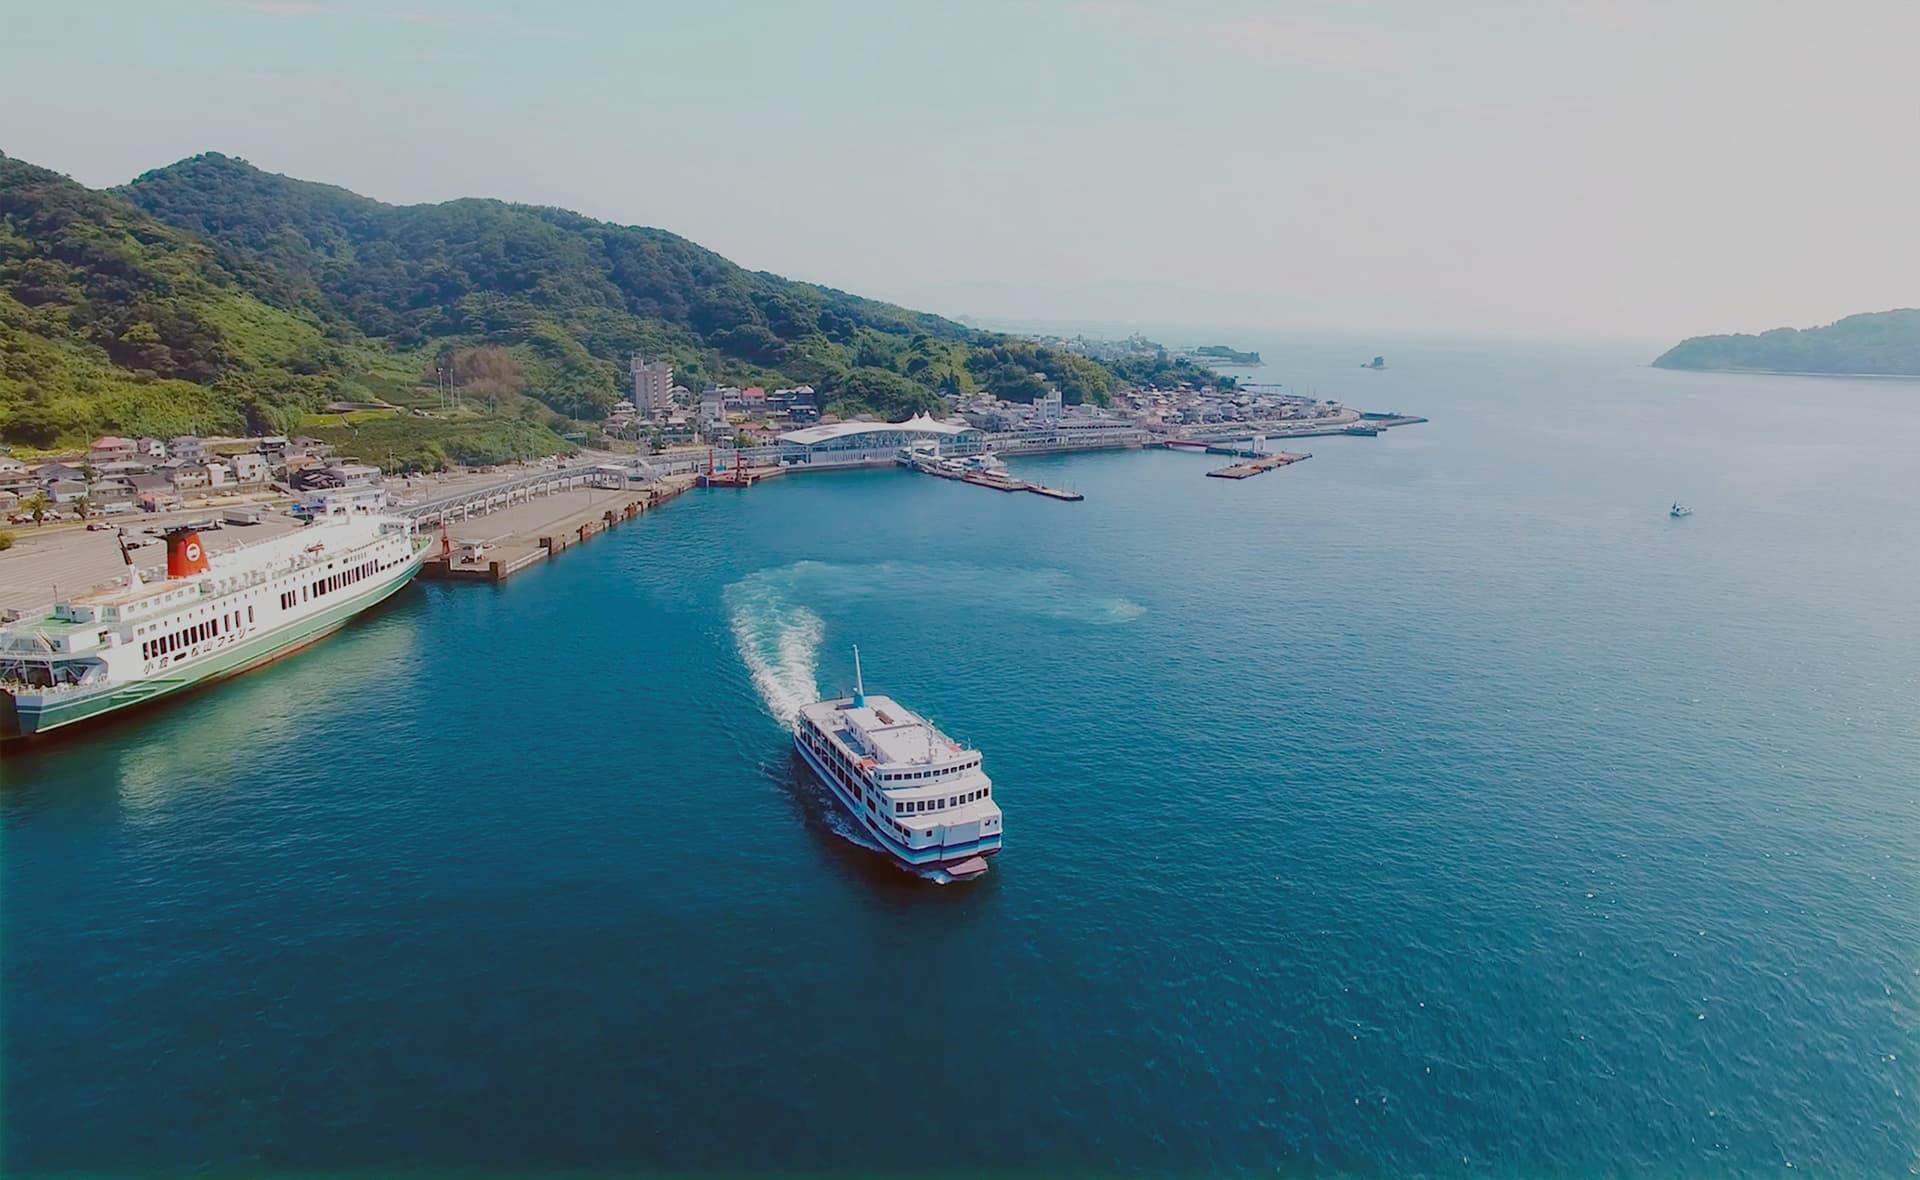 從廣島、香川開始遊覽